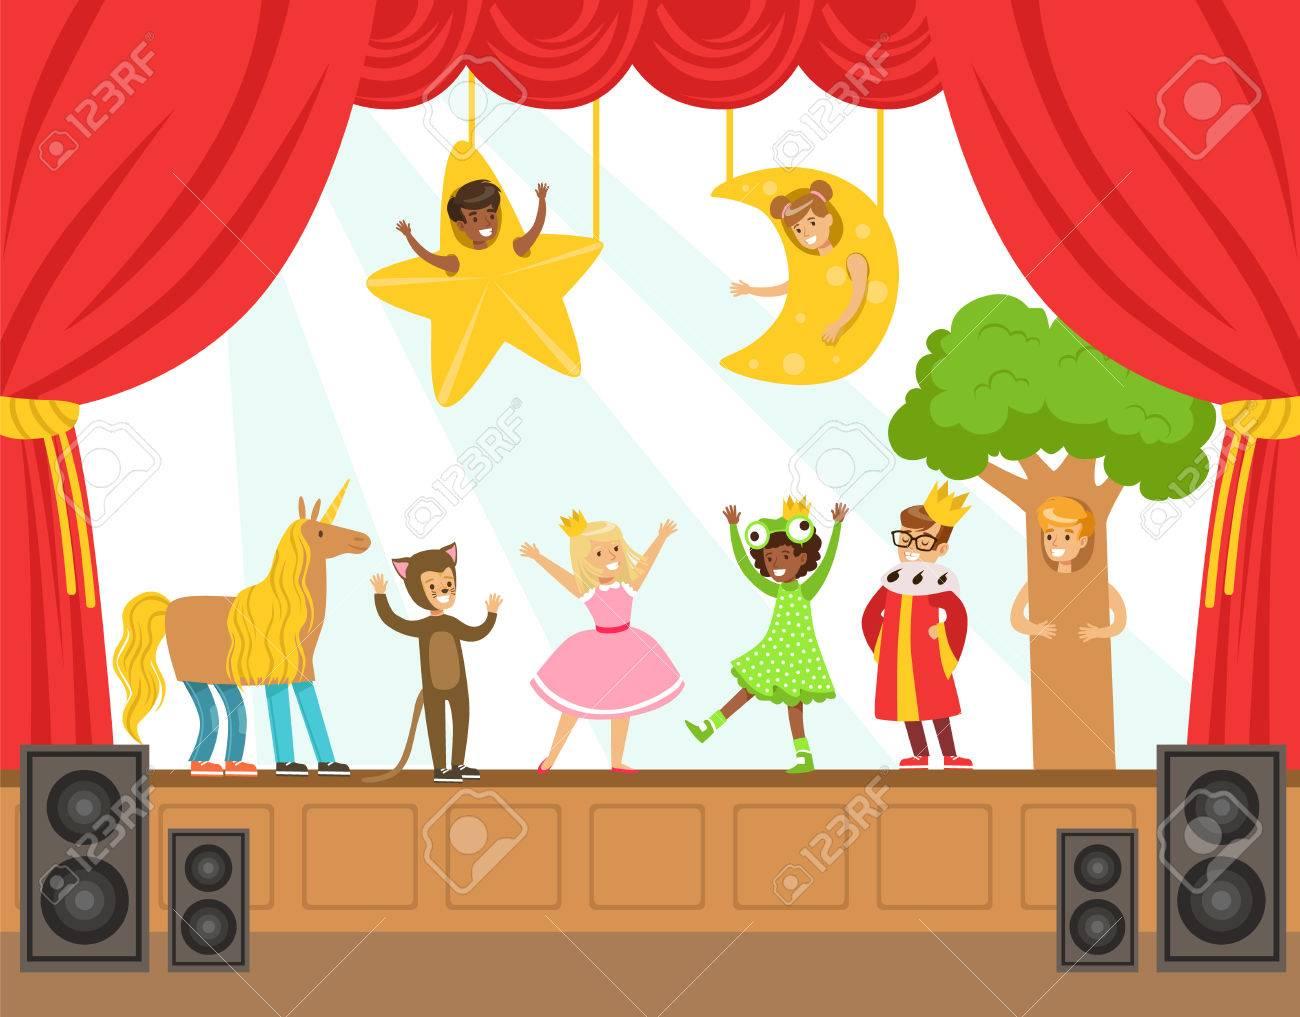 Schauspieler Kinder Darstellende Marchen On Stage Talent Show Bunte Vektor Illustration Mit Talentierte Schulkinder